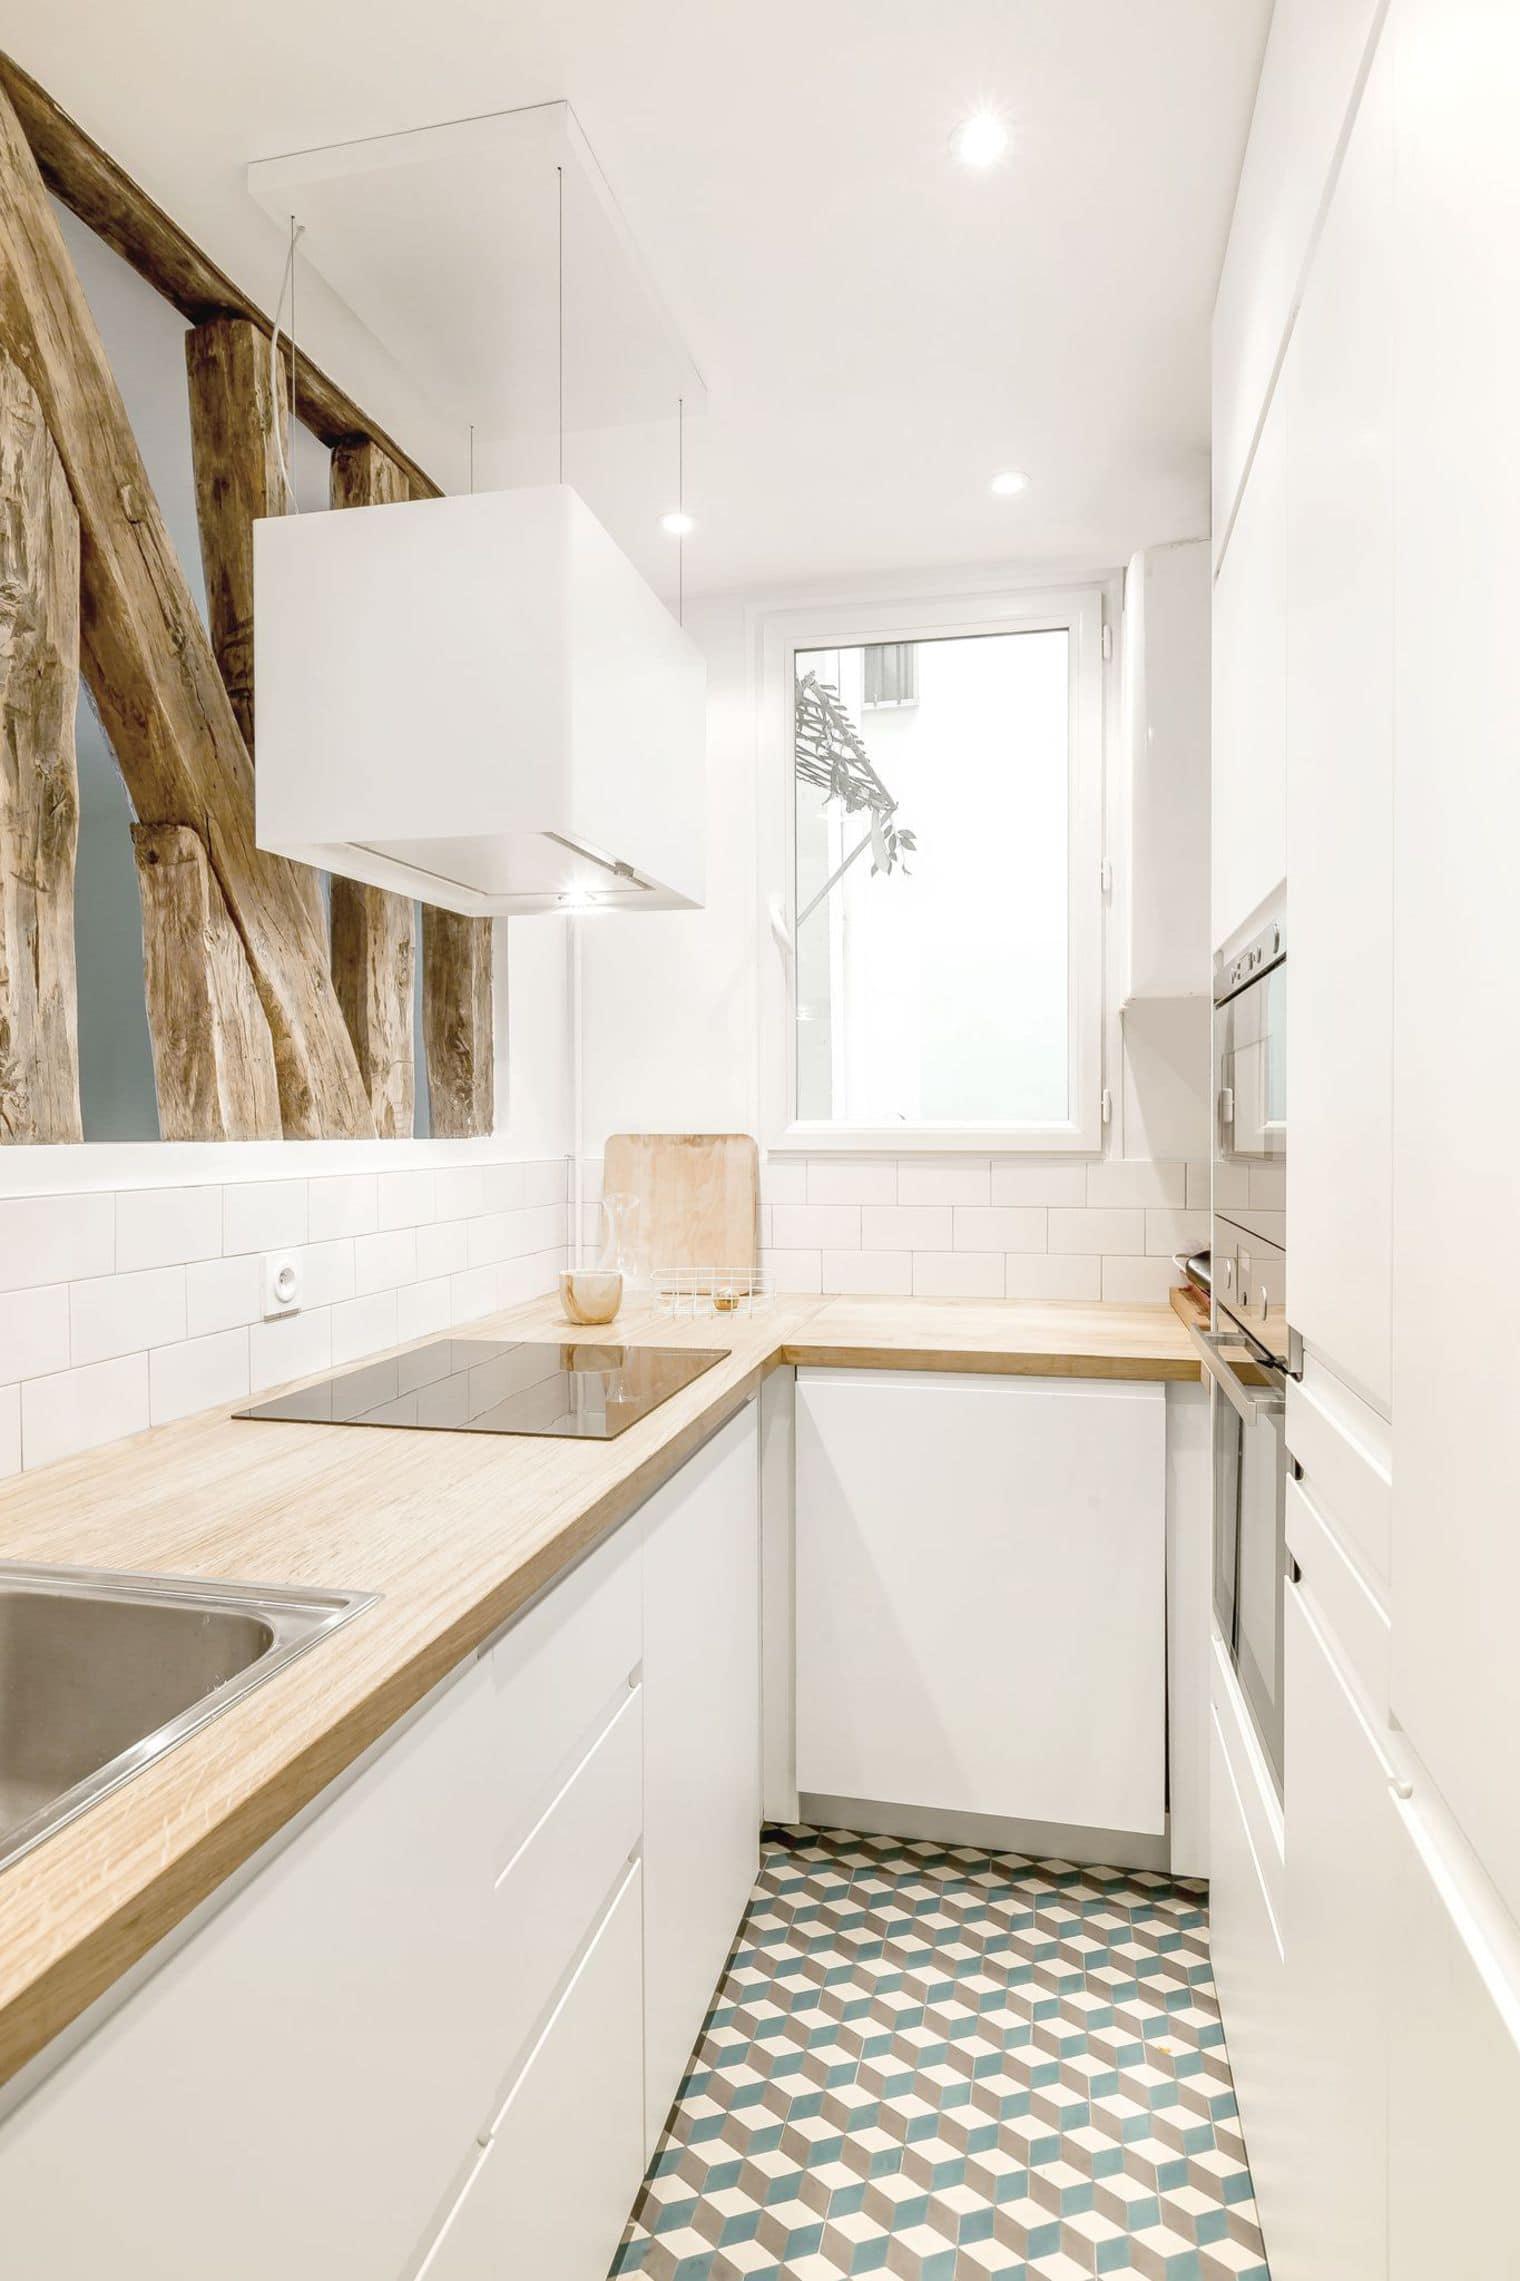 Une petite cuisine lumineuse de style écologique où tous les appareils sont parfaitement dissimulés par l'intérieur principal.